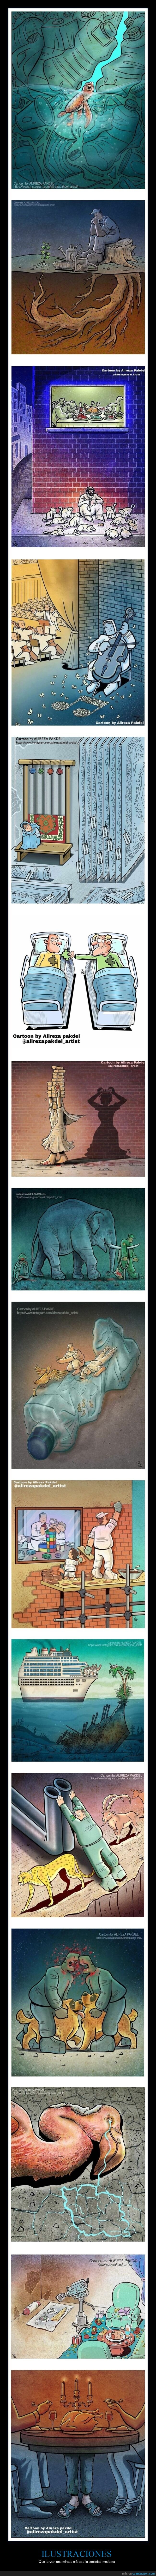 ilustraciones,sociedad